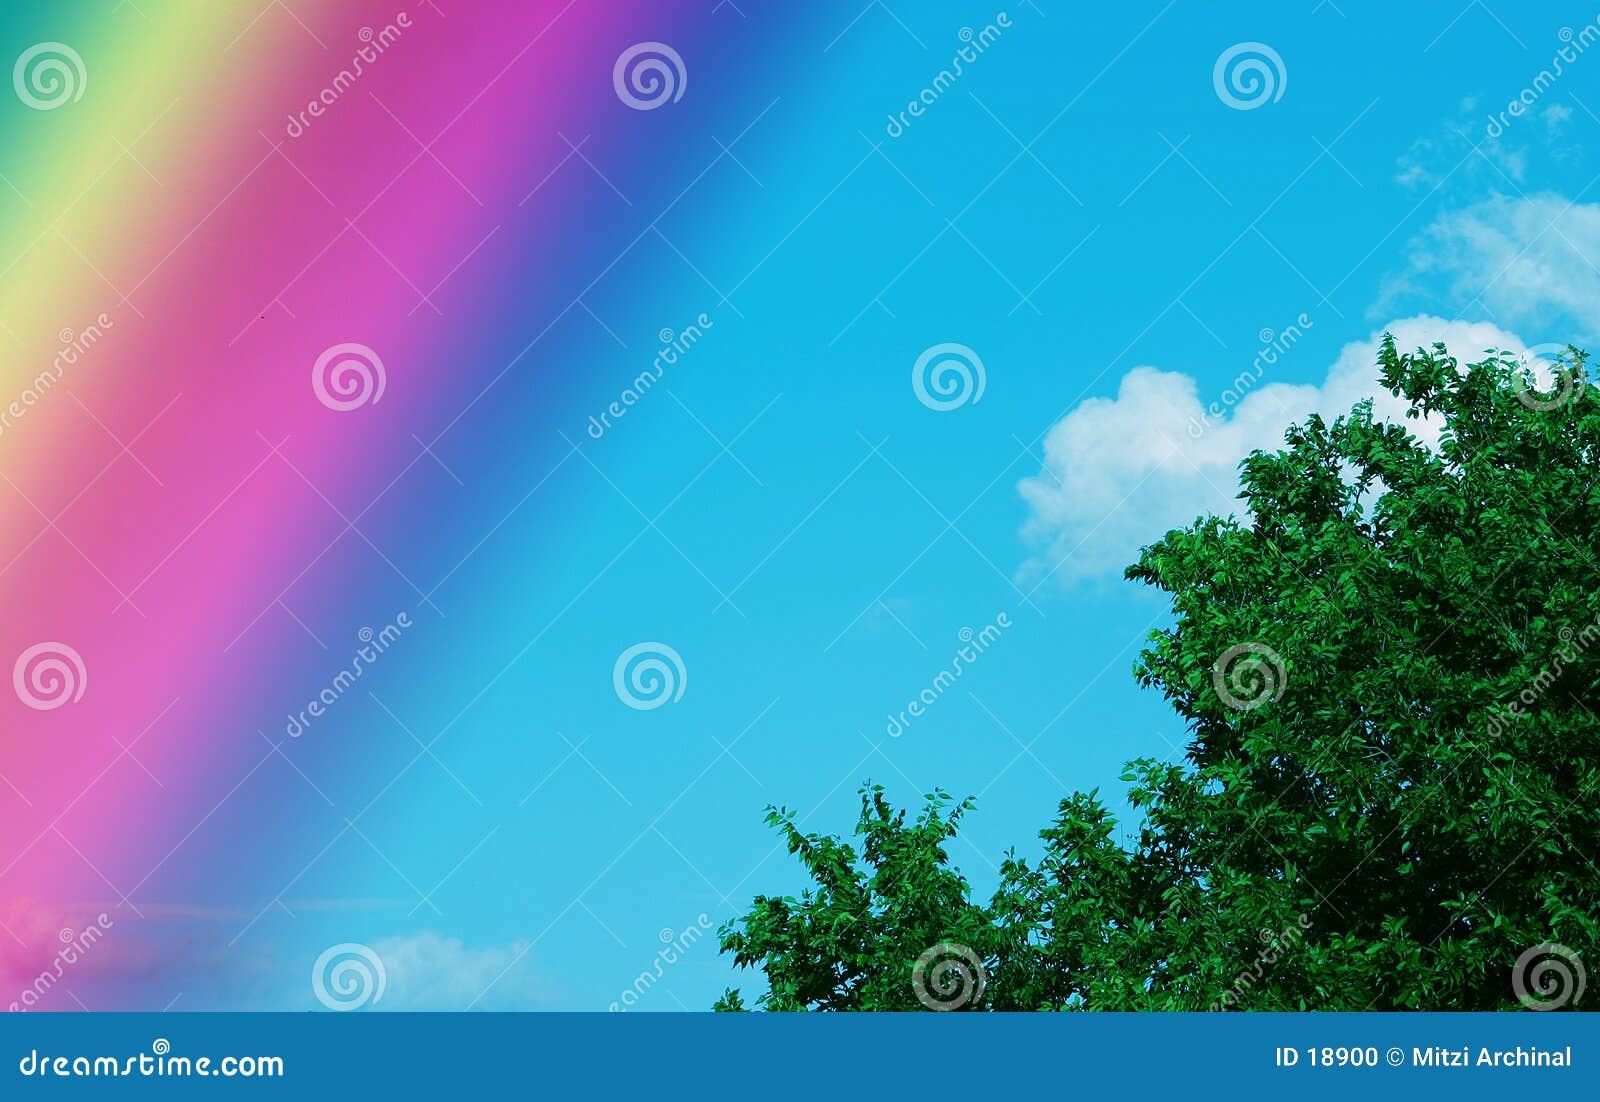 Regenbogenhimmel